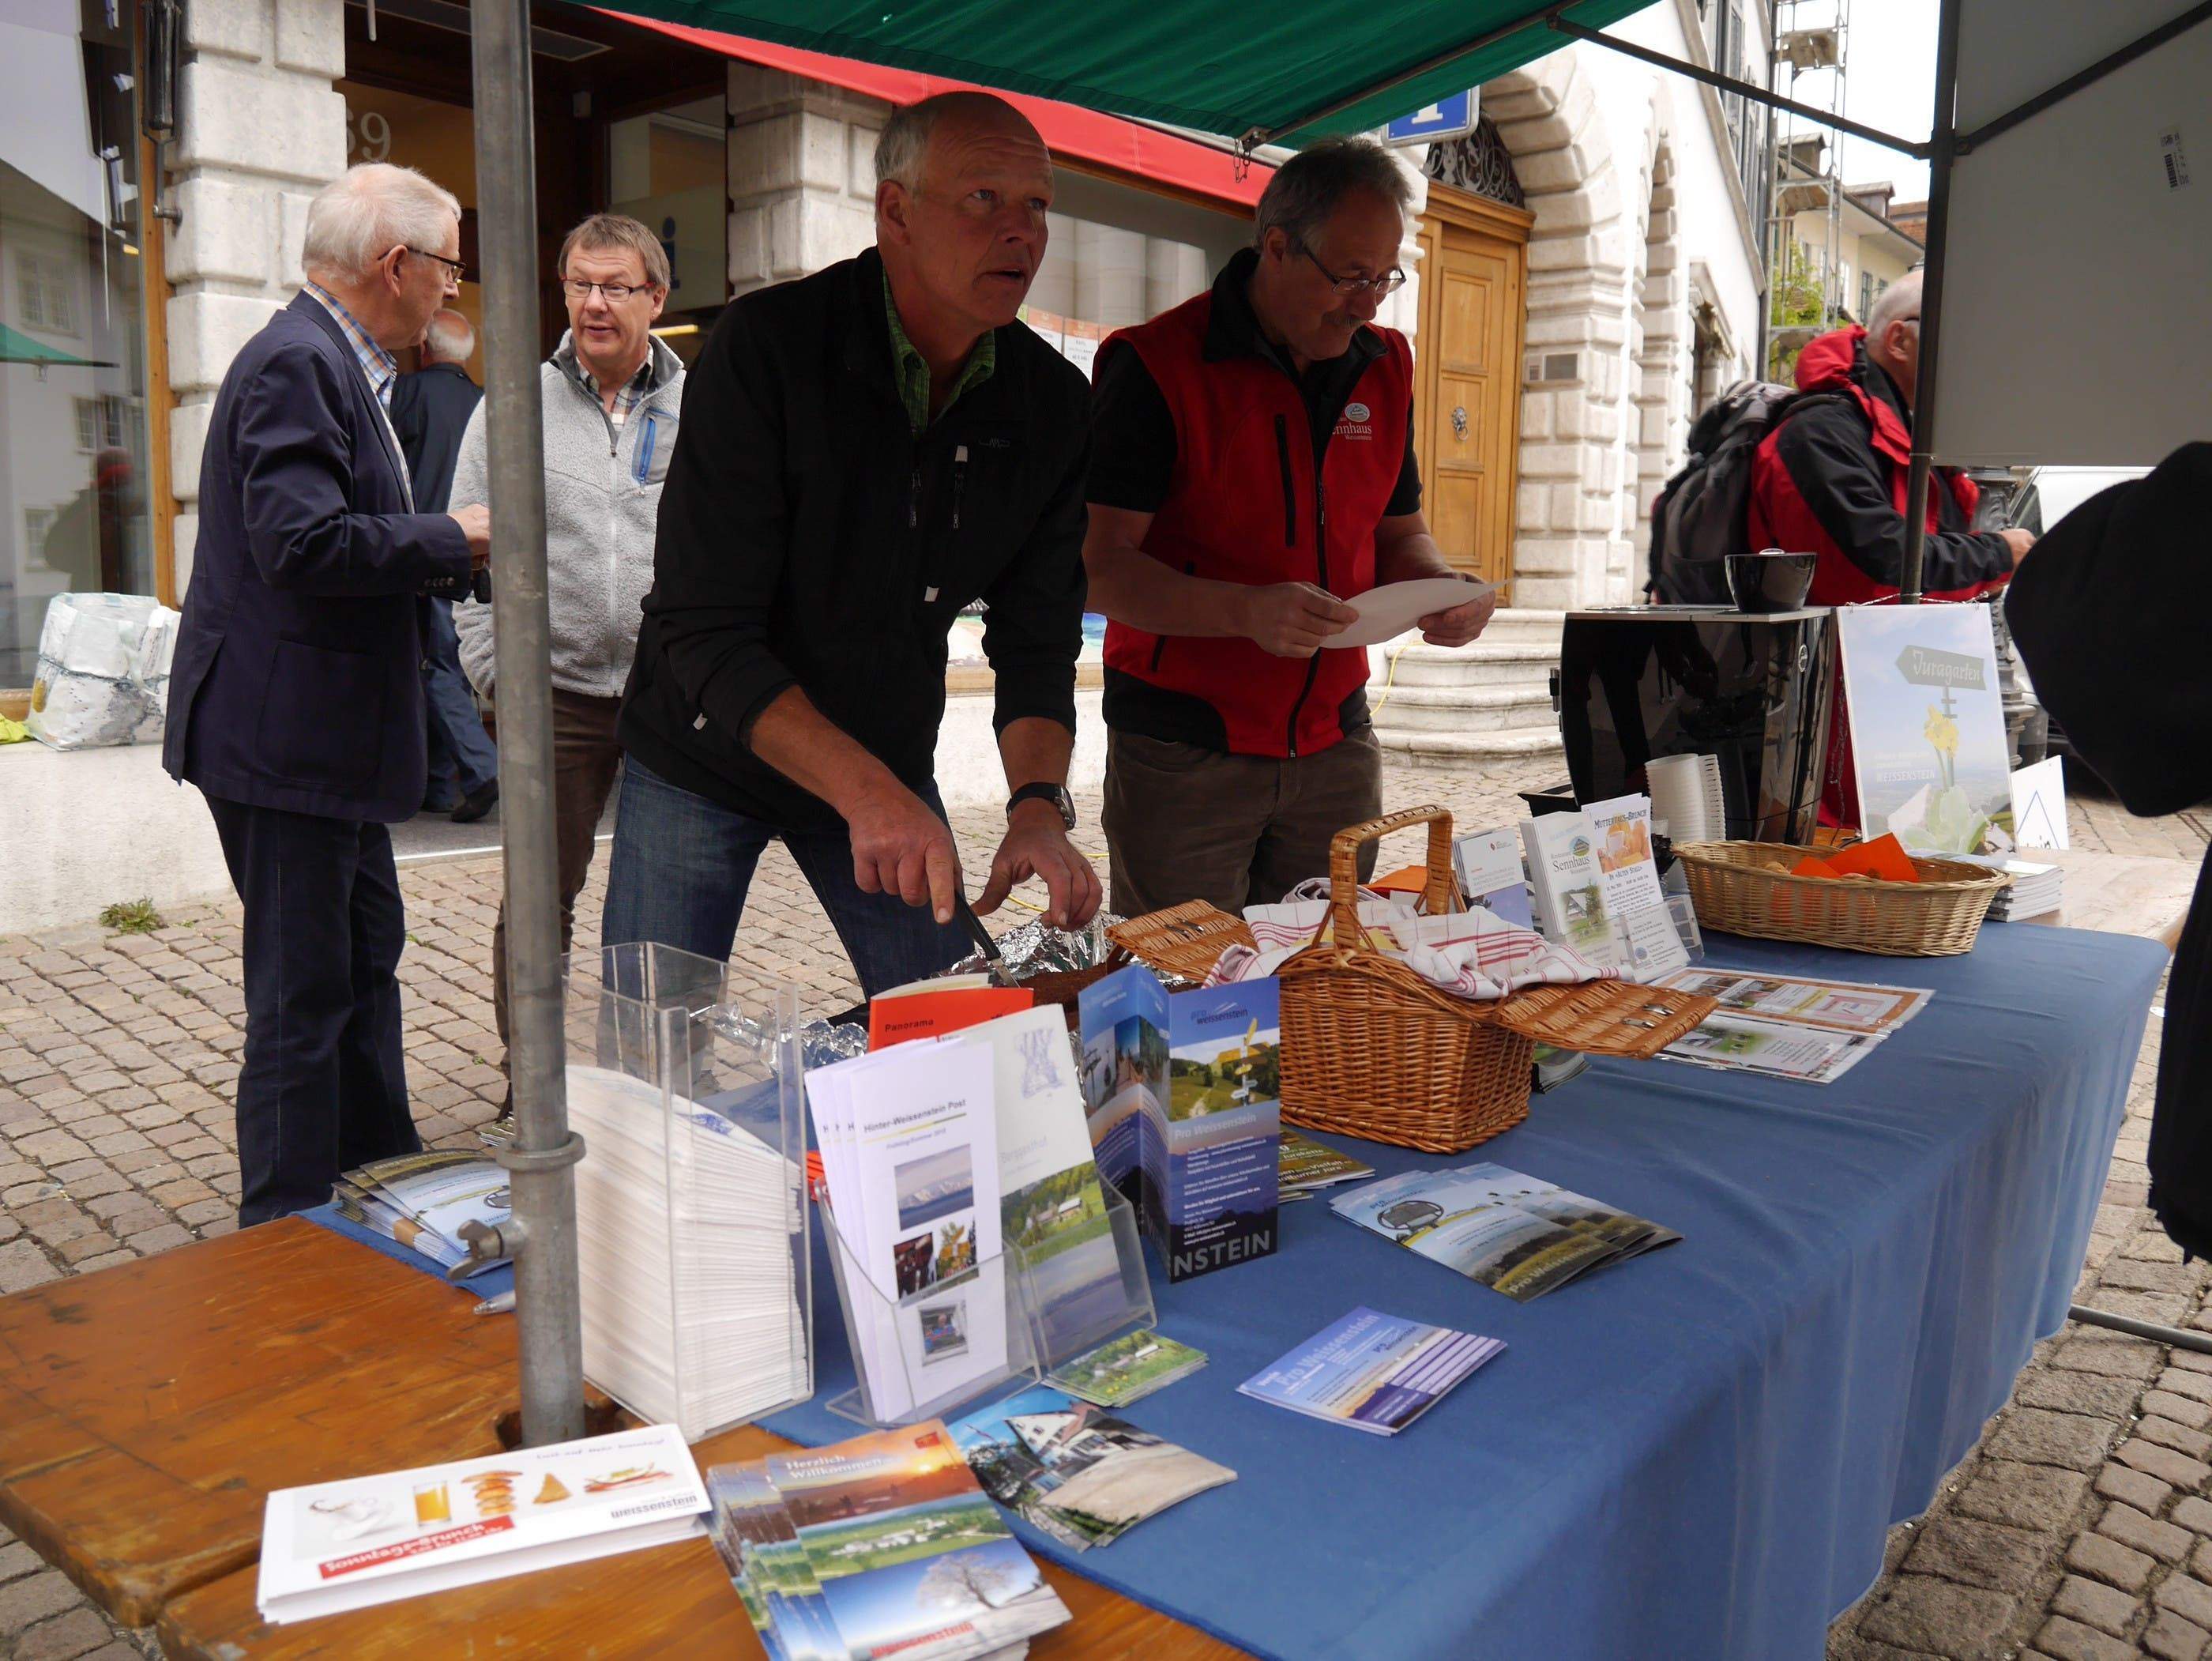 Pro-Weissenstein am Markt Vorbereitungen für Zopf und Kaffee - Uli Stucki - Hinter-Weissenstein und Willy Niederhauser - Sennhaus